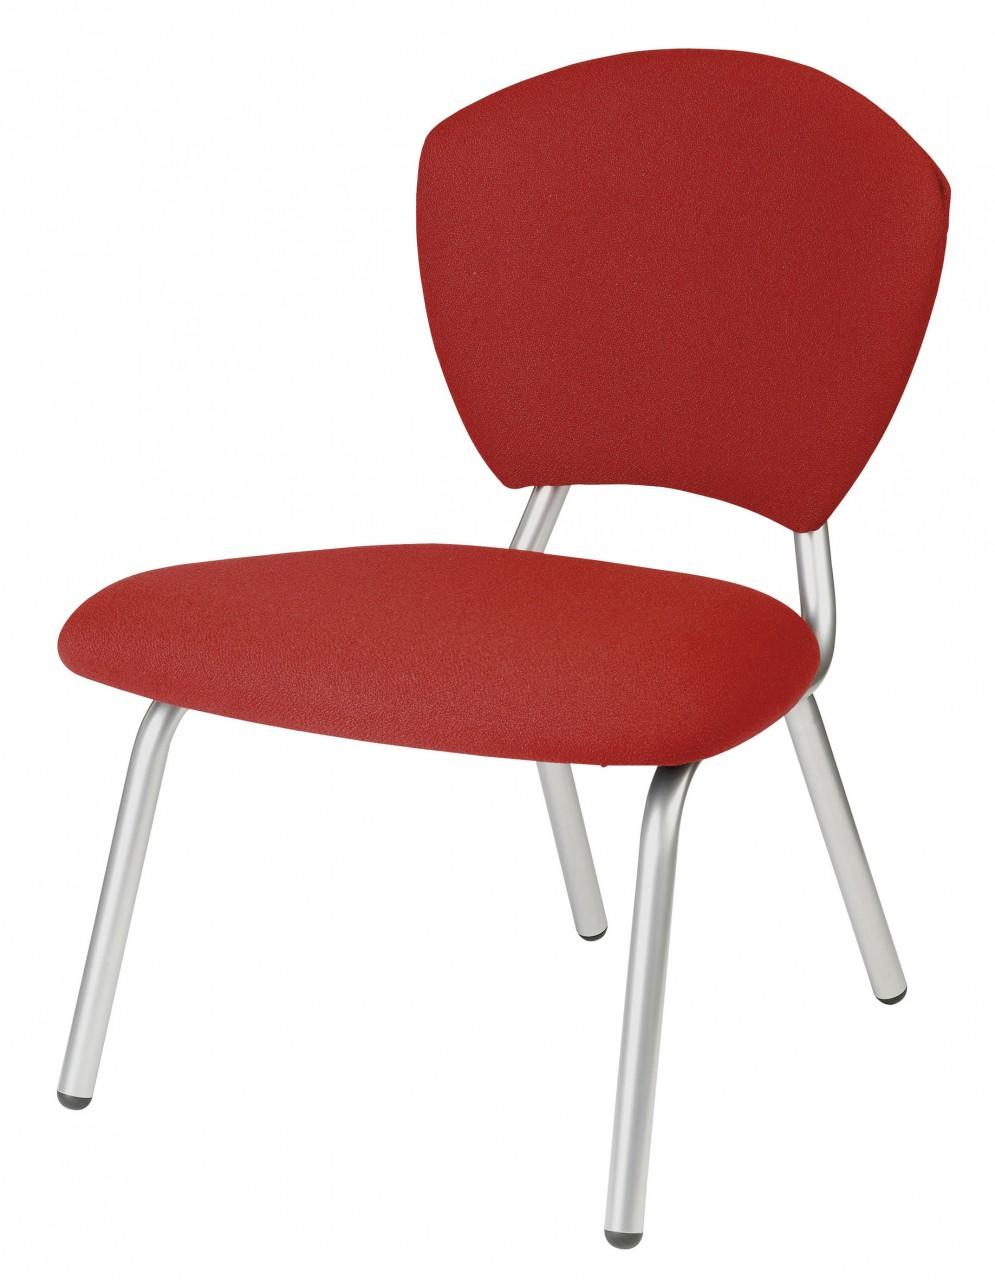 fauteuil d 39 accueil stell achat fauteuils d 39 accueil. Black Bedroom Furniture Sets. Home Design Ideas